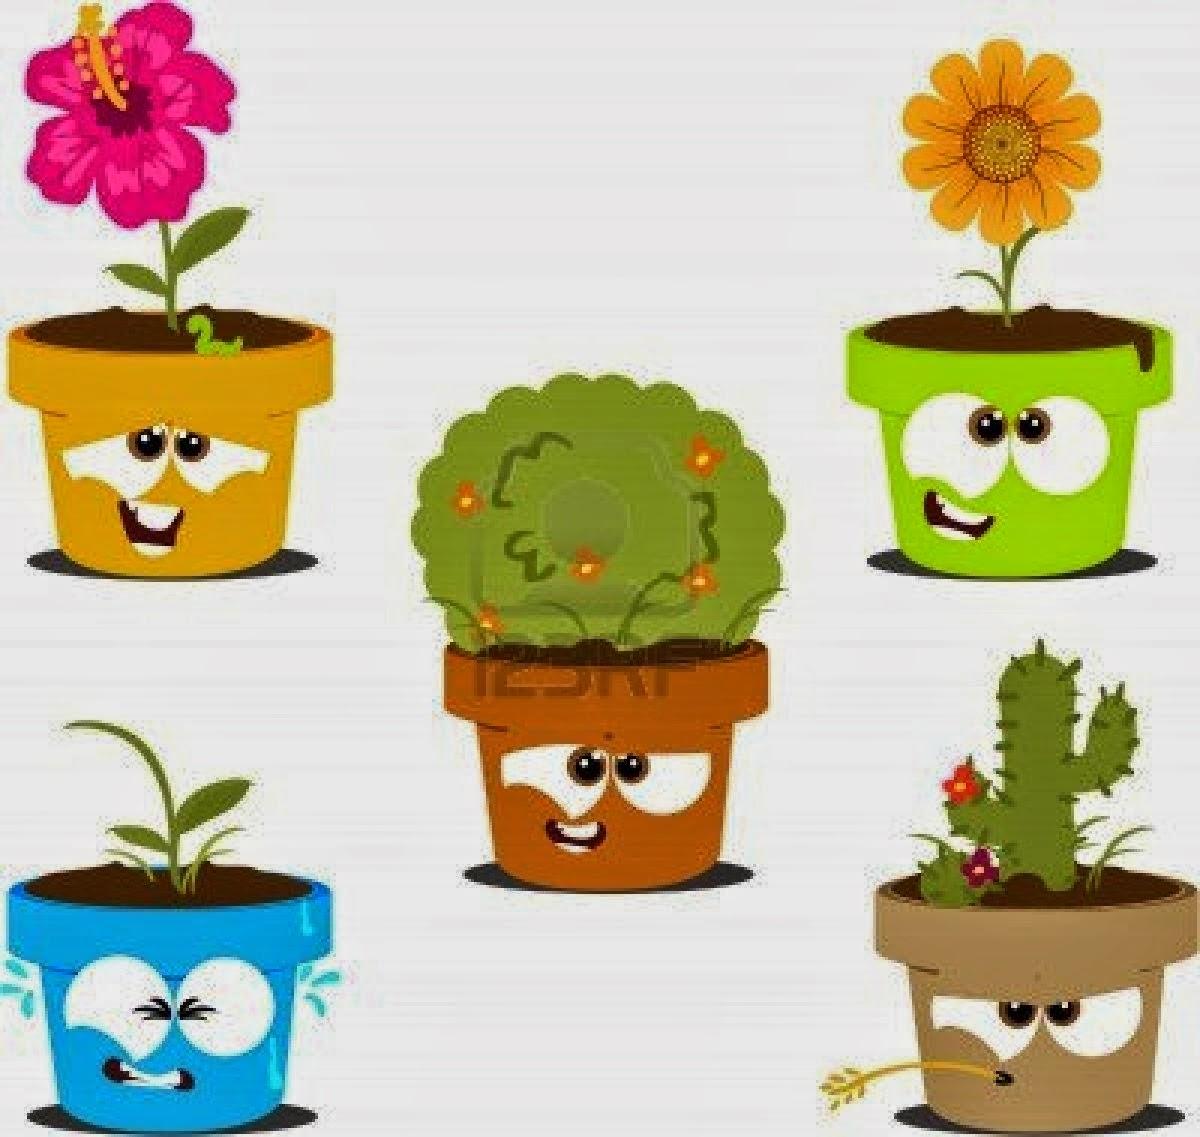 Blogg ciencias naturales seres vivos las plantas su for Imagenes de plantas en macetas